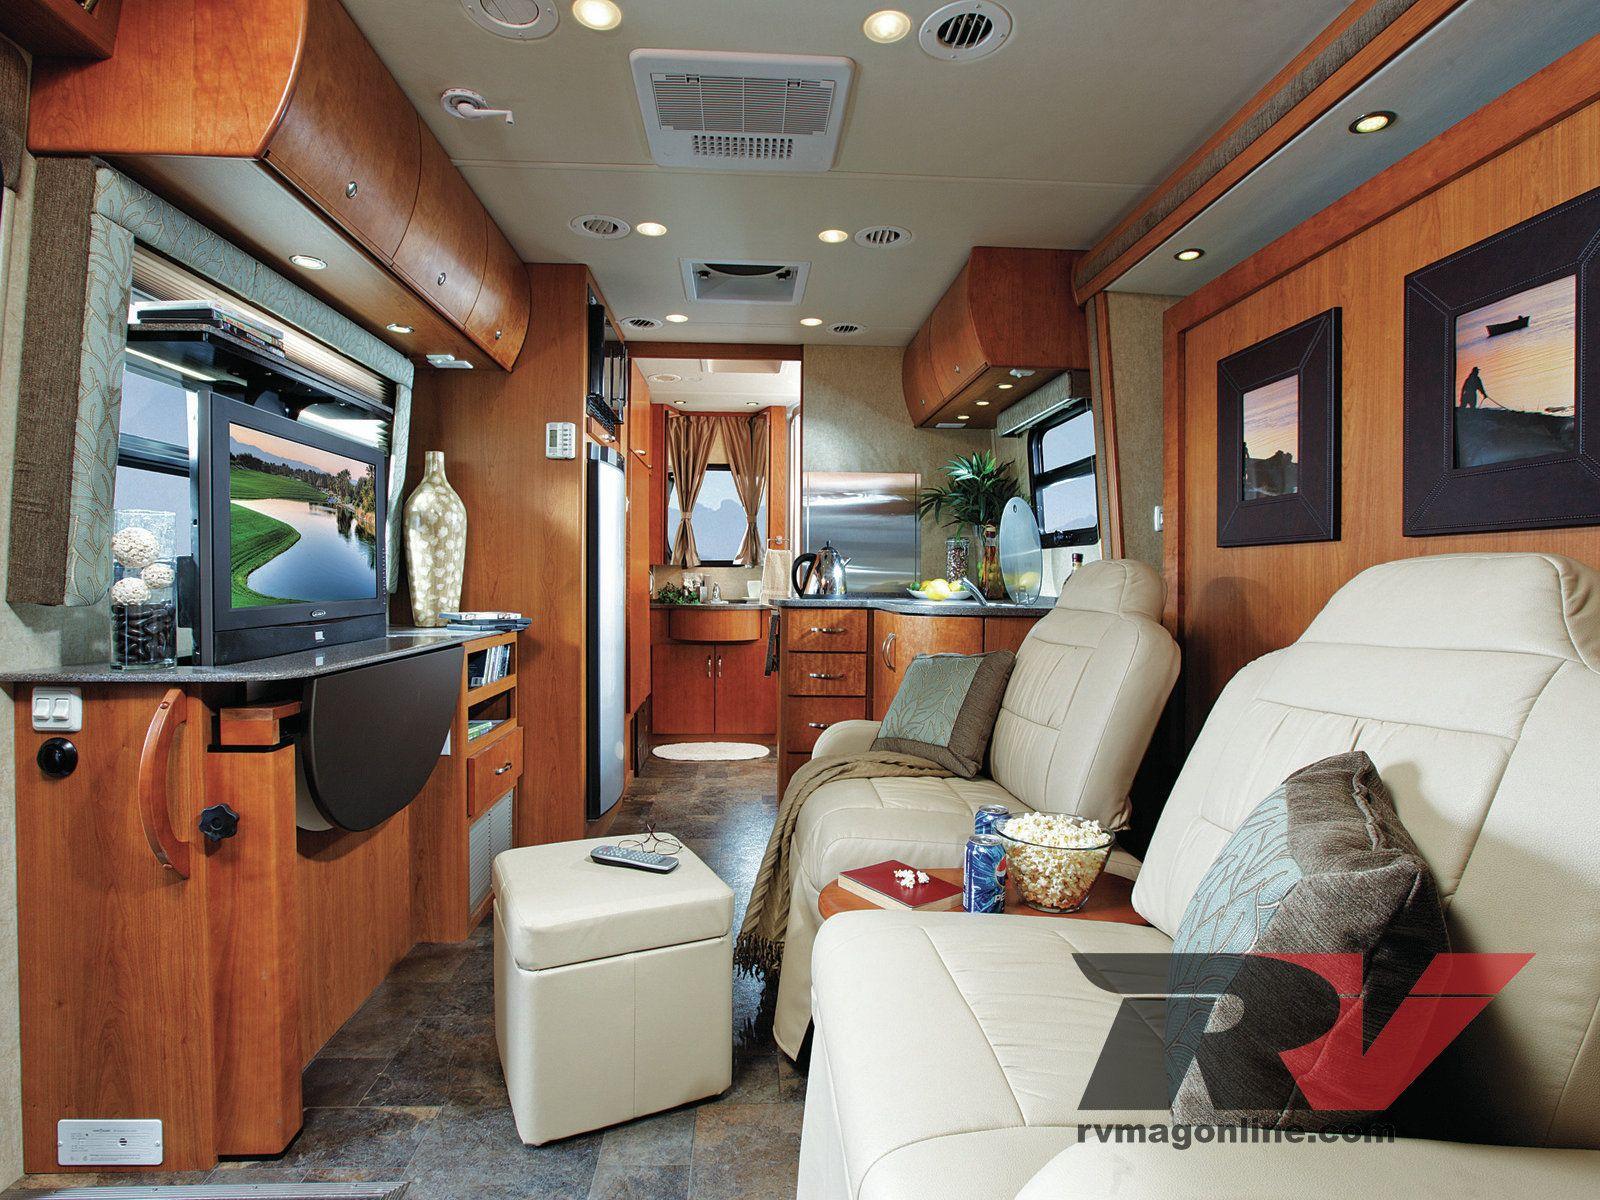 Dodge Sprinter Camper Interior 67 Pinterest